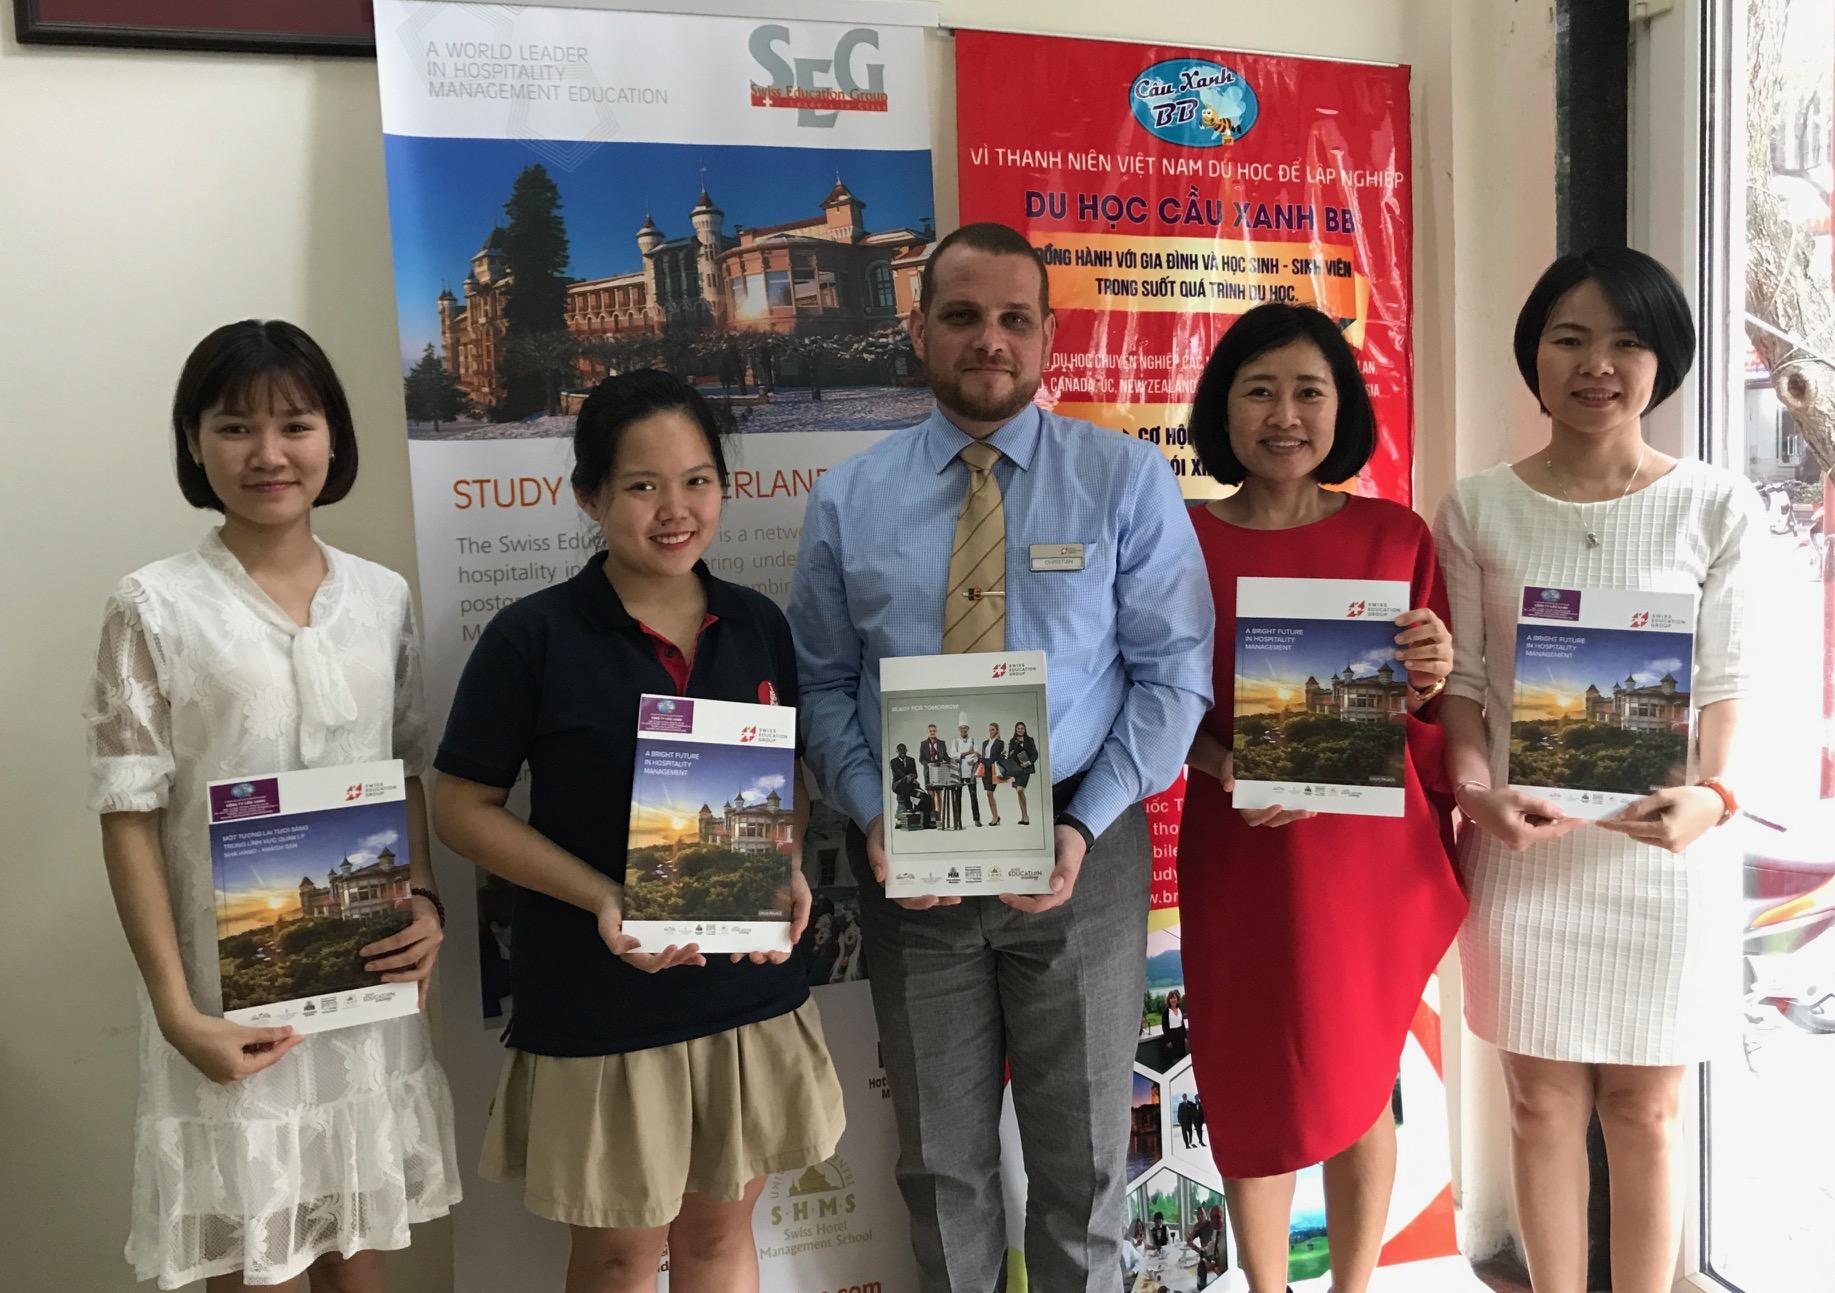 Du học Thuỵ Sỹ ngành Du lịch khách sạn